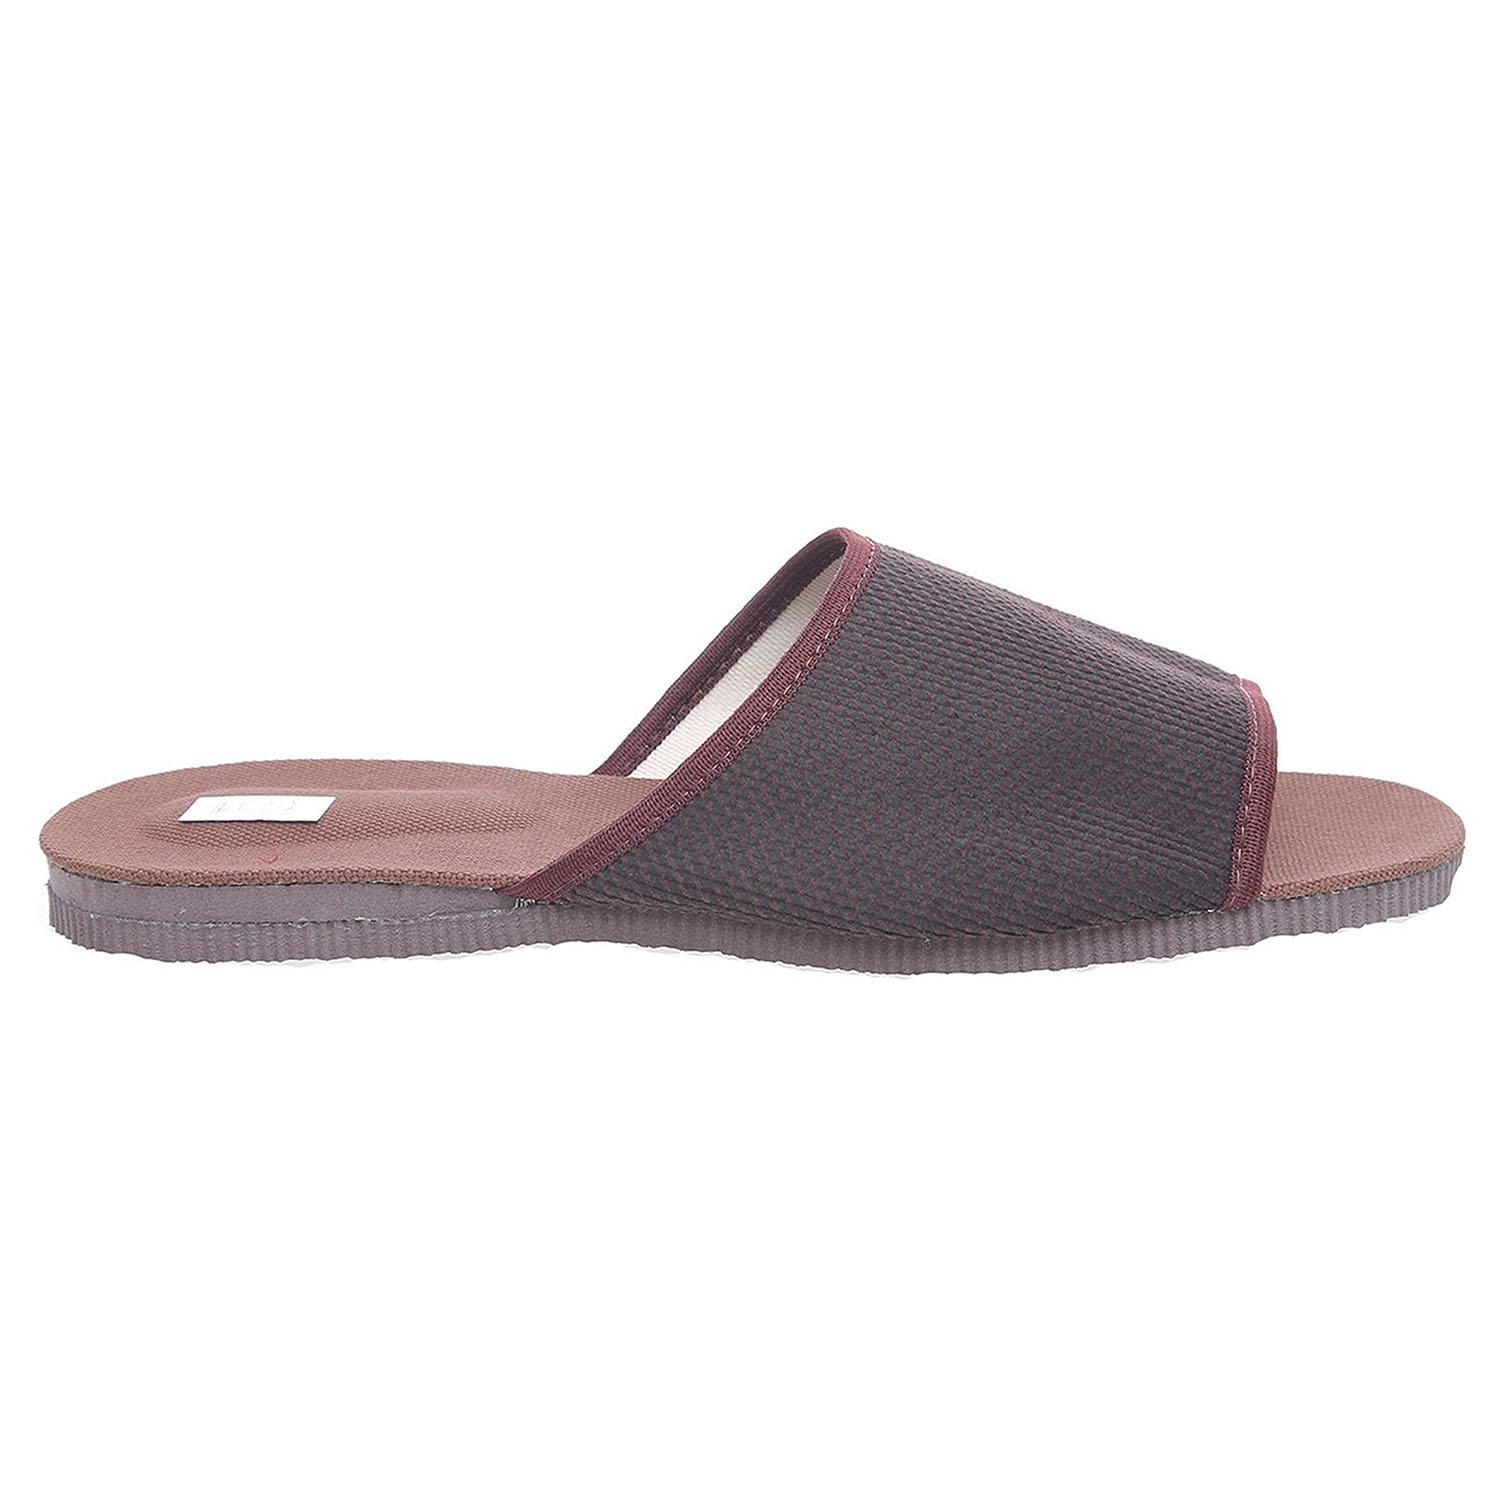 Ecco Pánské domácí pantofle 3009.00 hnědé 24800245